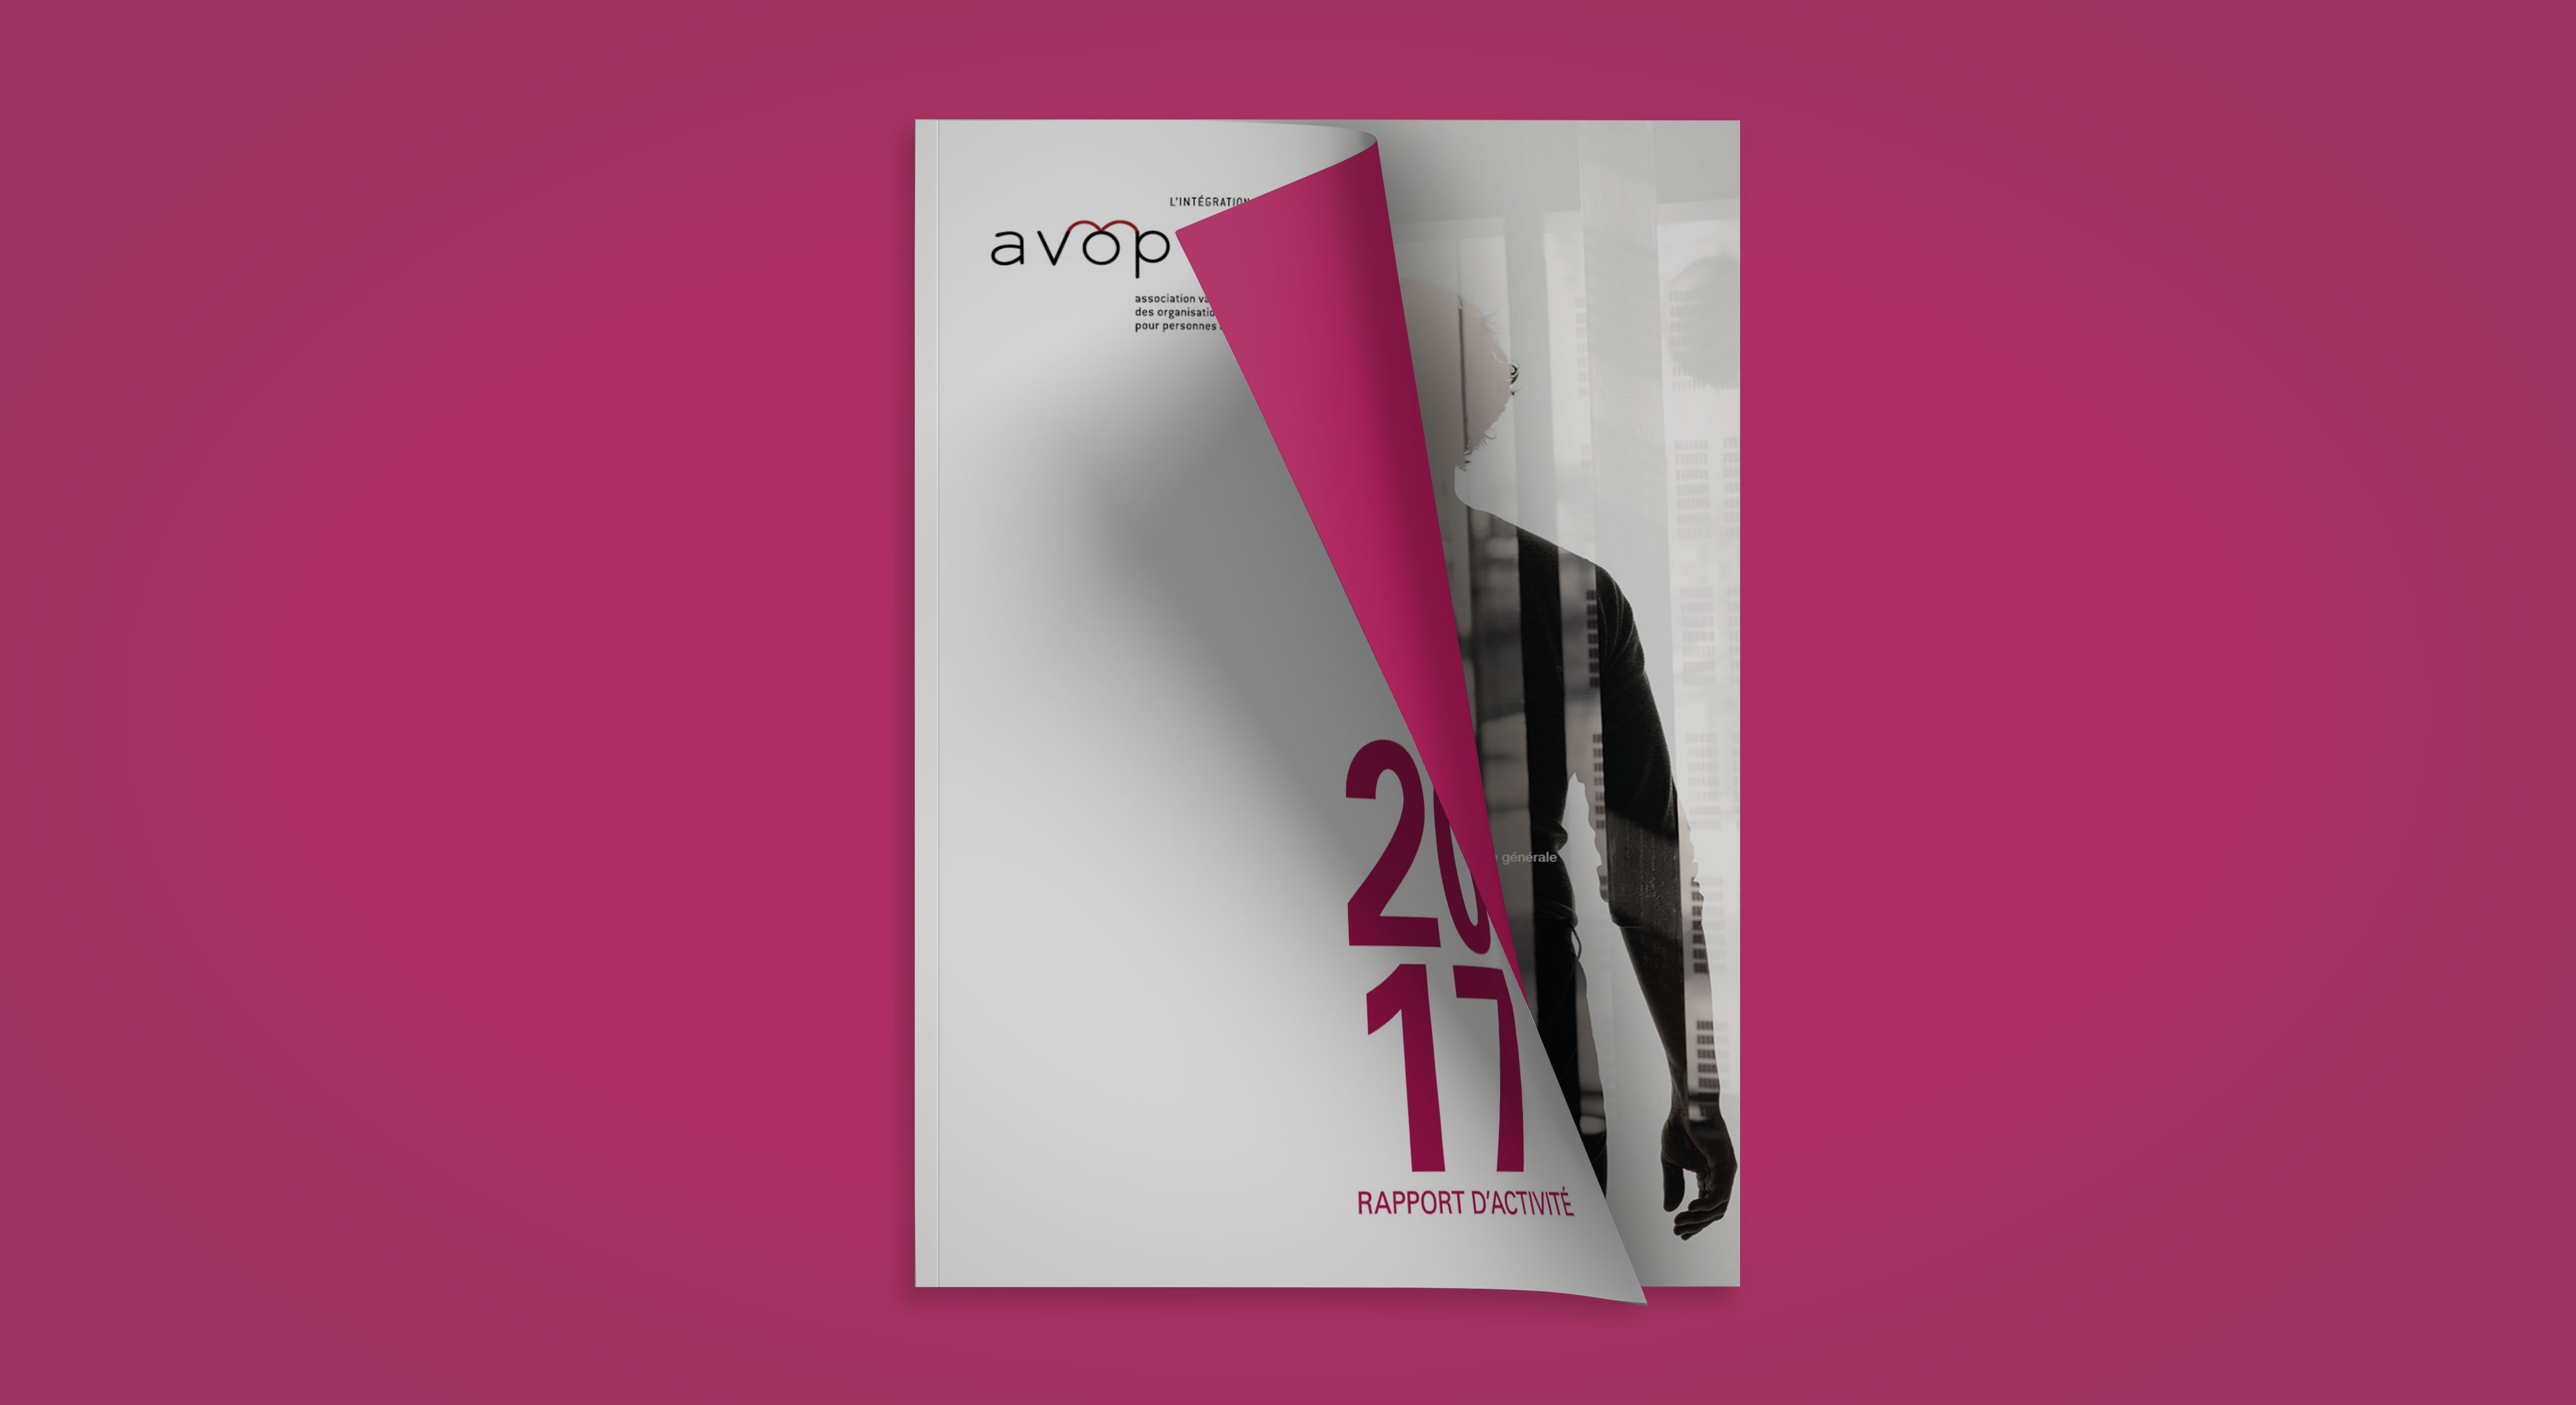 Avop - we studio